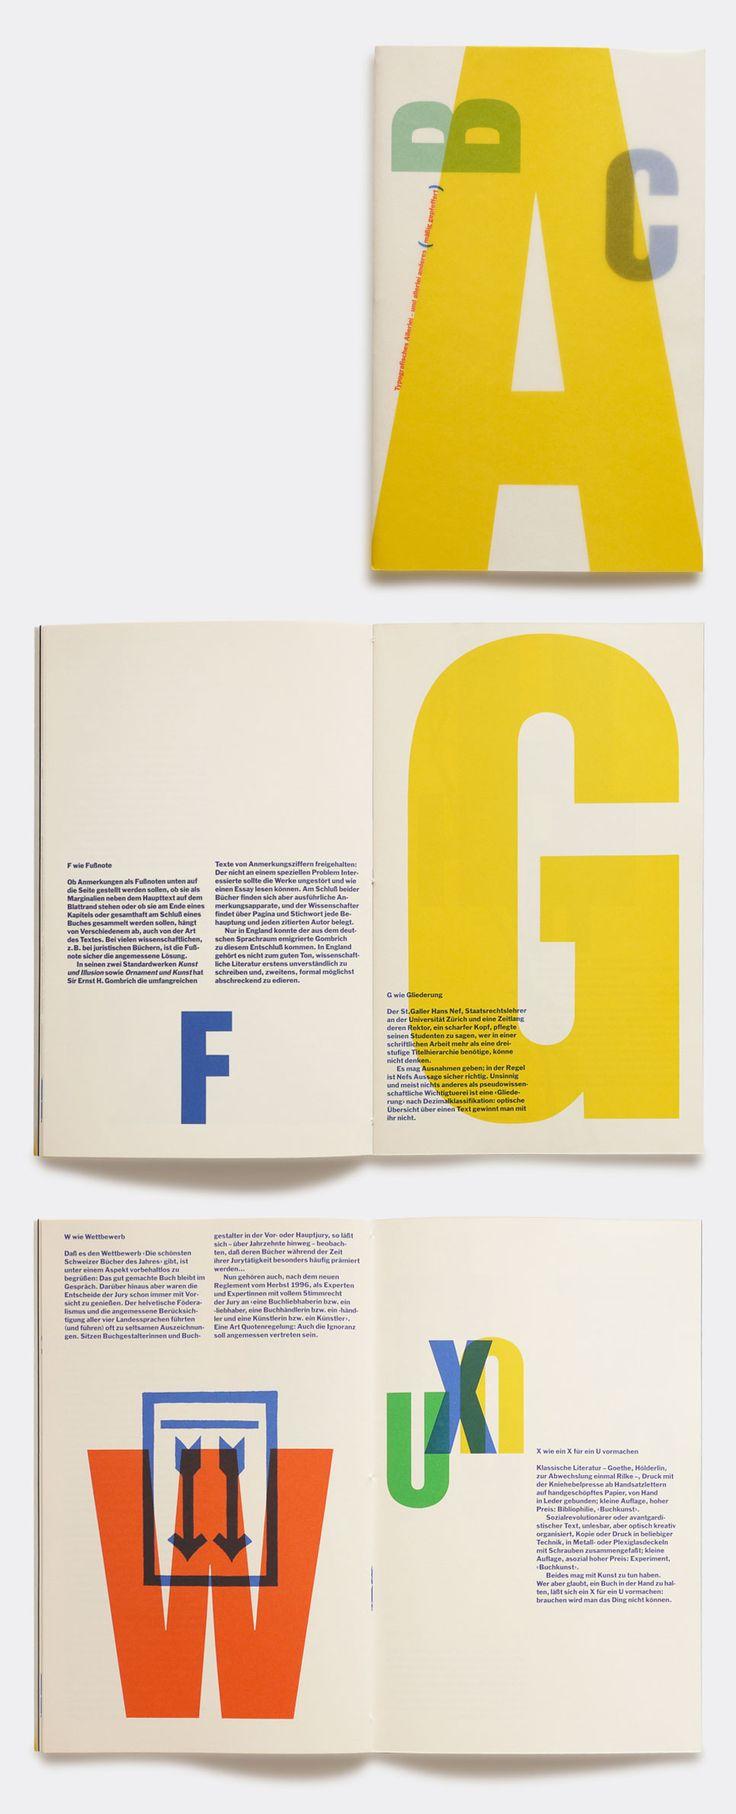 Jost Hochuli (né en 1933) est un typographe et un graphiste suisse internationalement reconnu pour son travail de qualité et d'inventivité dans le domaine du design de livre. Après avoir étudié à l…